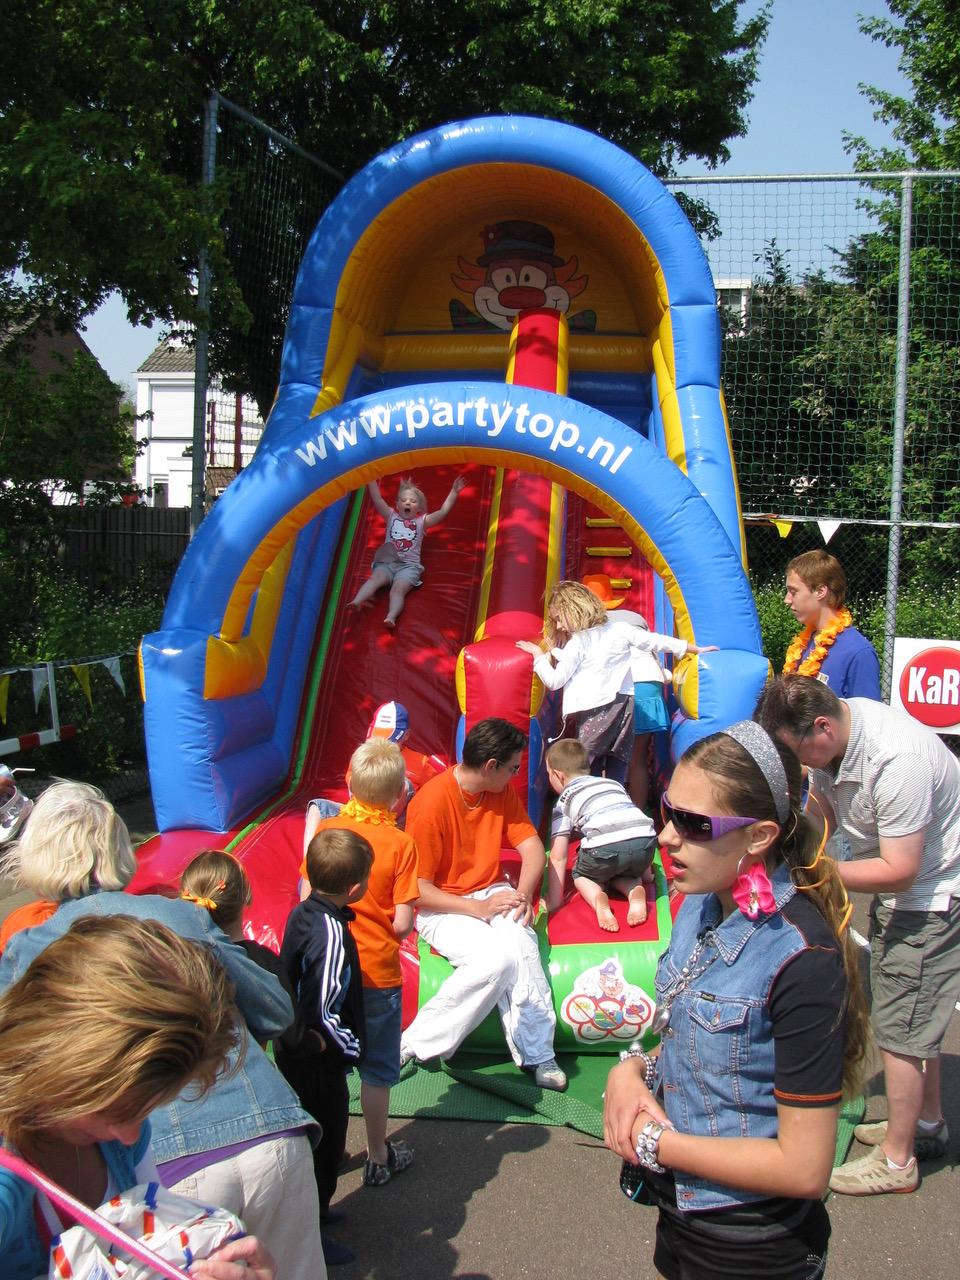 Koningsdag Zwaag: gezelligheid voor jong en oud op 't Krijt. (Foto: aangeleverd)